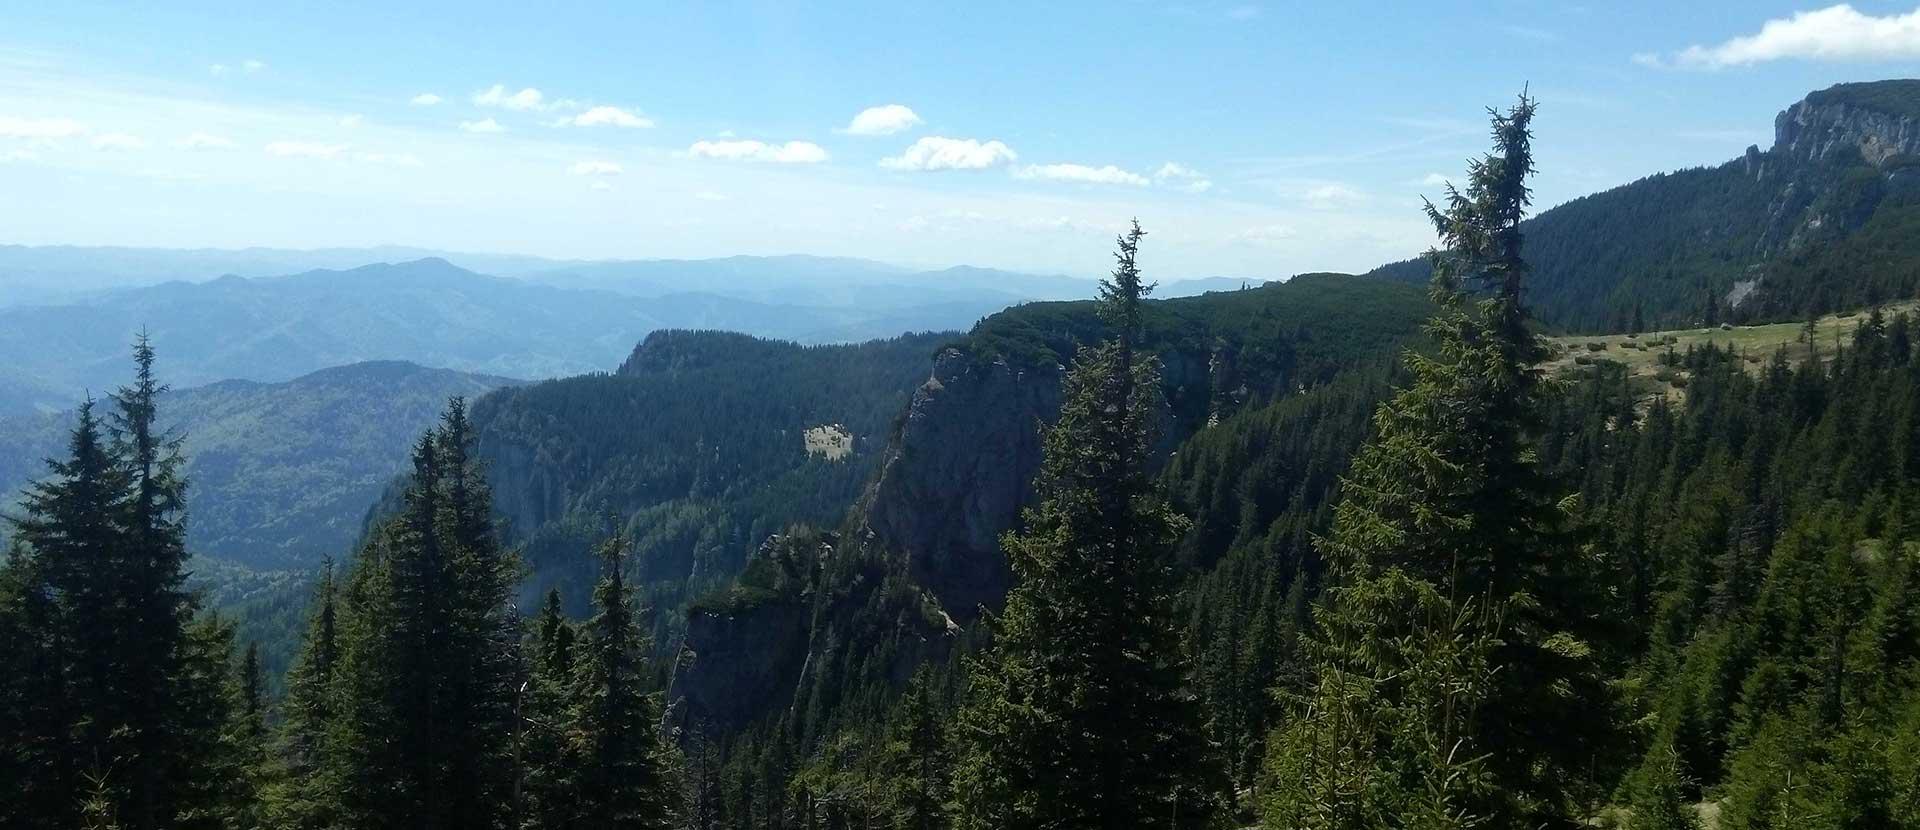 Las montañas Ceahlau y el pico de Suhardu Mic